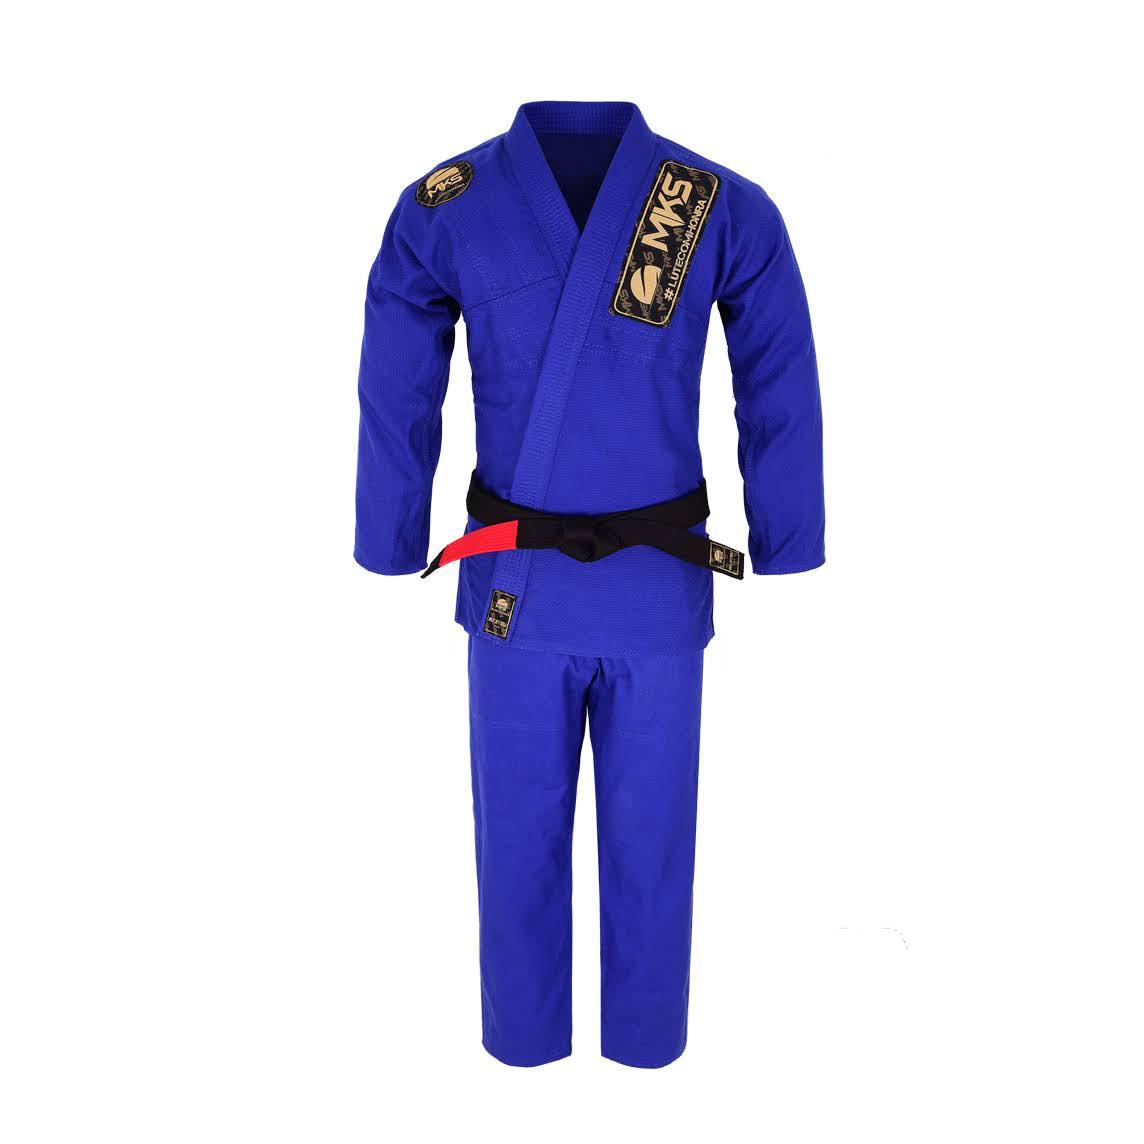 Kimono de Jiu-Jitsu MKS Golden Azul